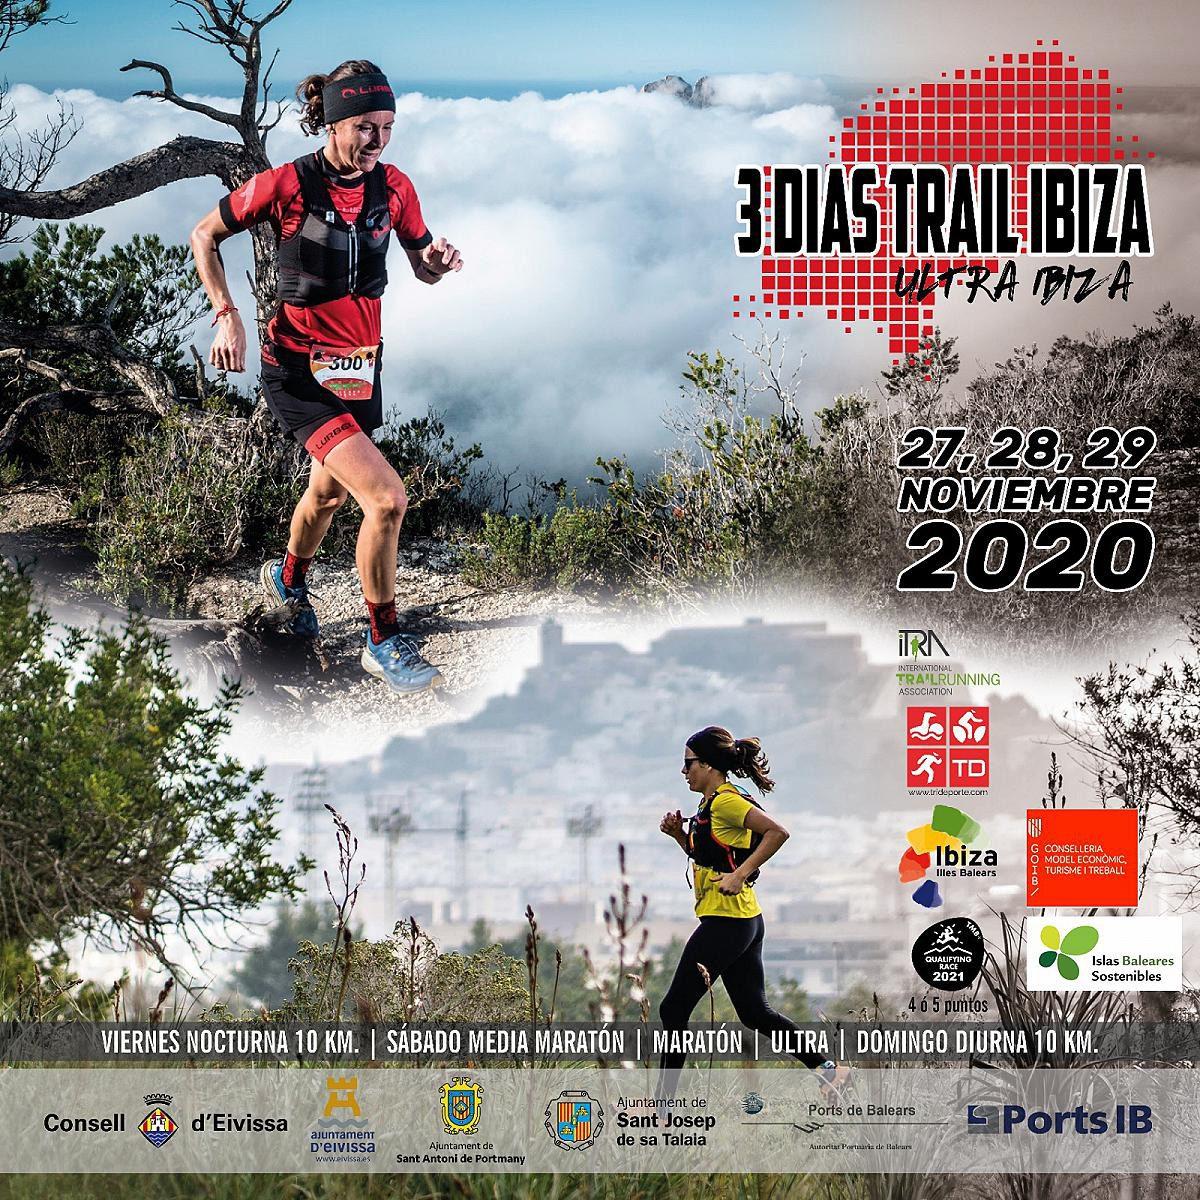 3-dias-trail-ibiza-2020-welcometoibiza